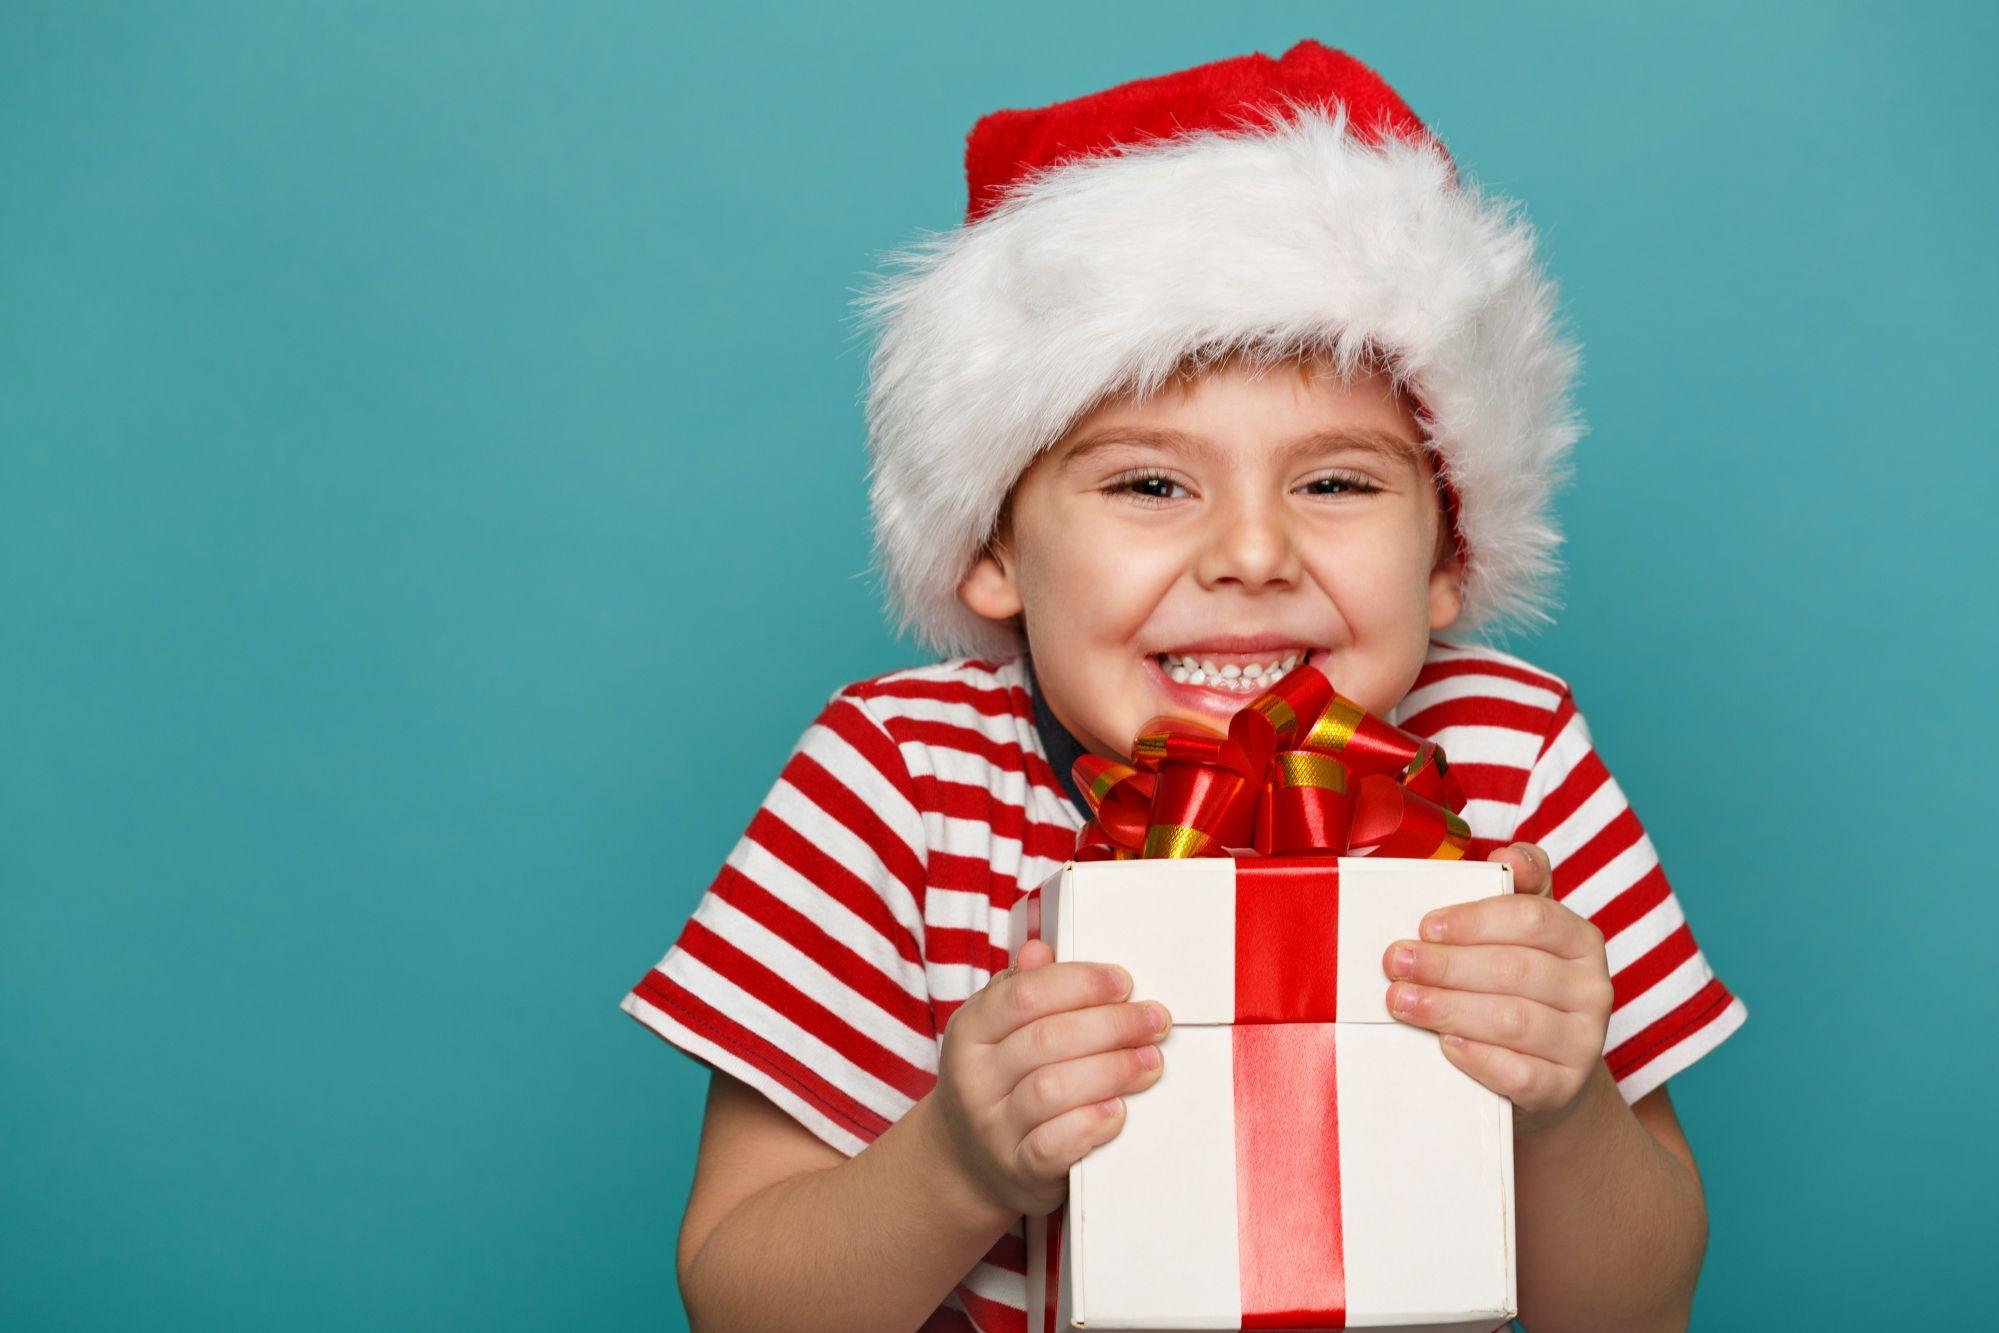 Мэр Красноярска признался, что иногда пробует новогодние подарки для детей